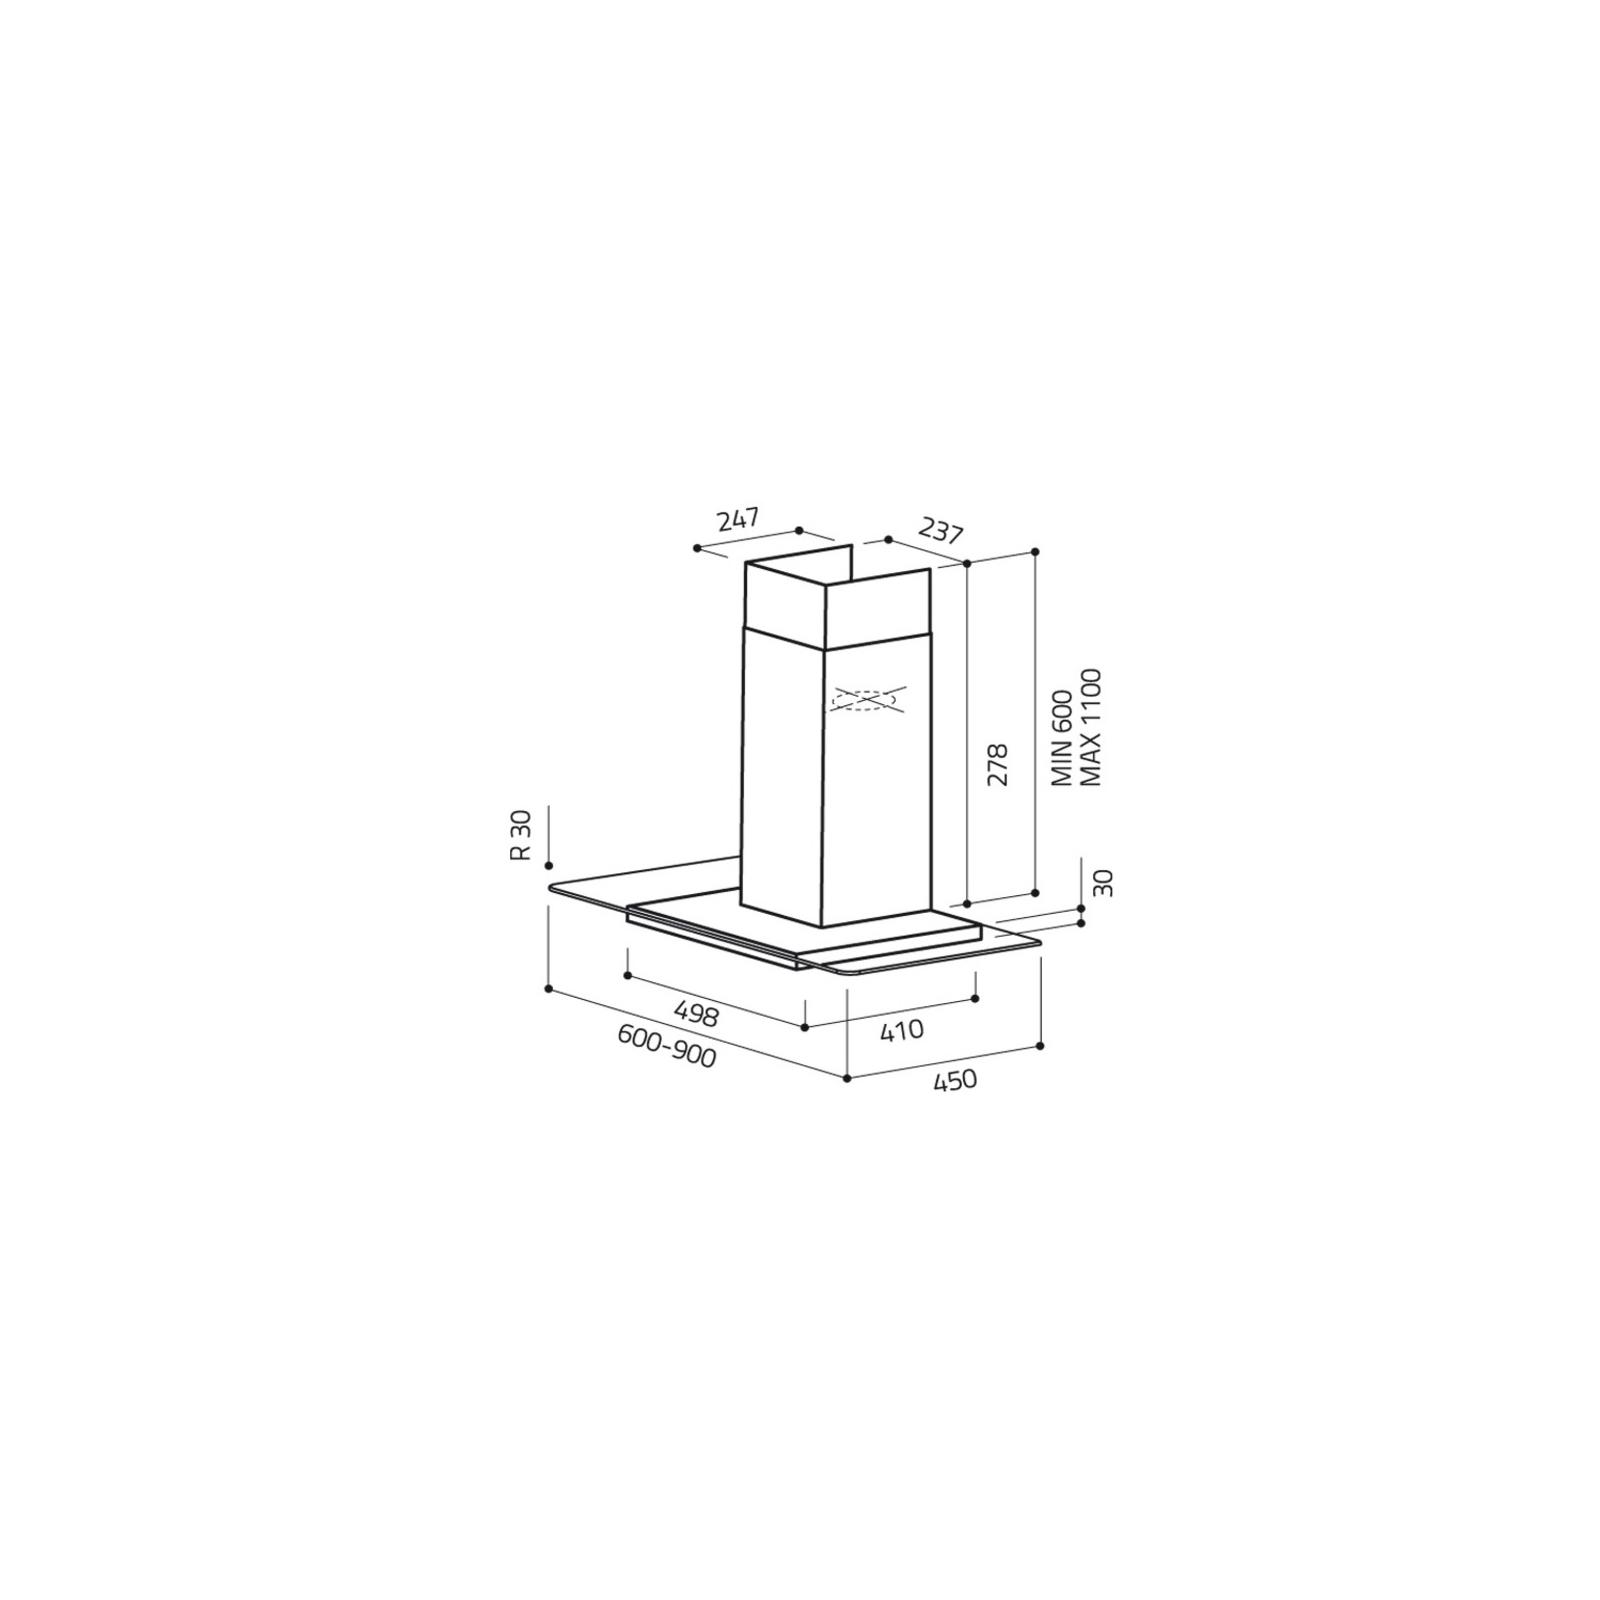 Вытяжка кухонная Elica FLAT GLASS IX A/90 изображение 2